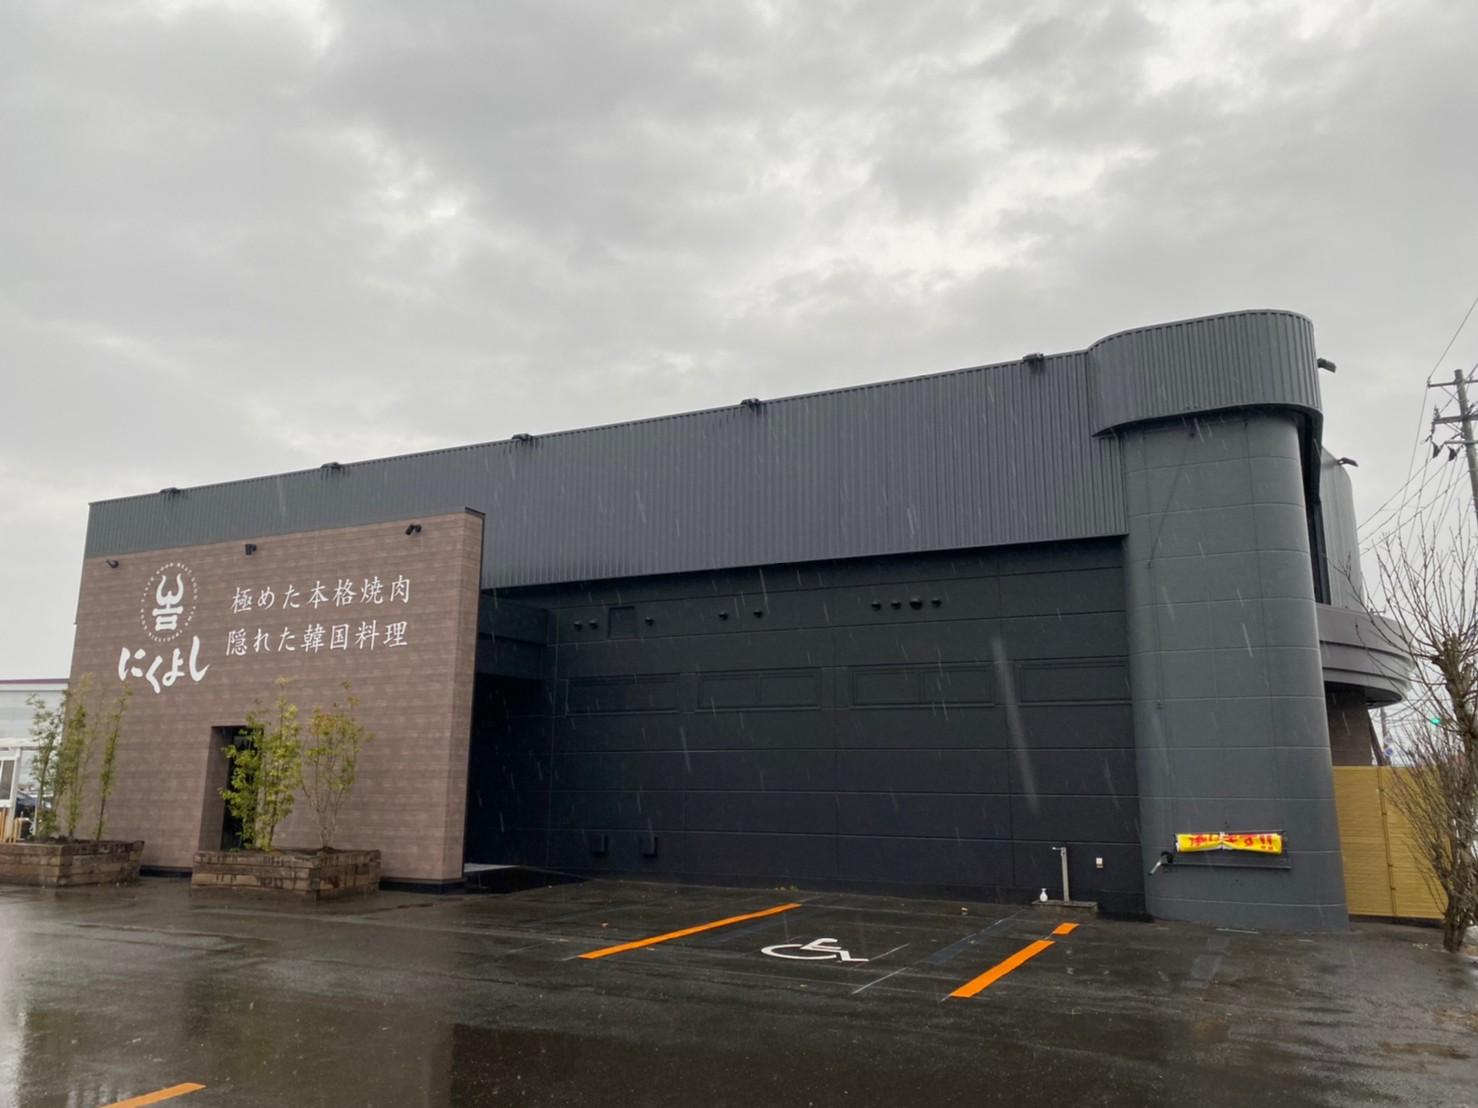 宮城県 にくよし様 店舗デザイン改装